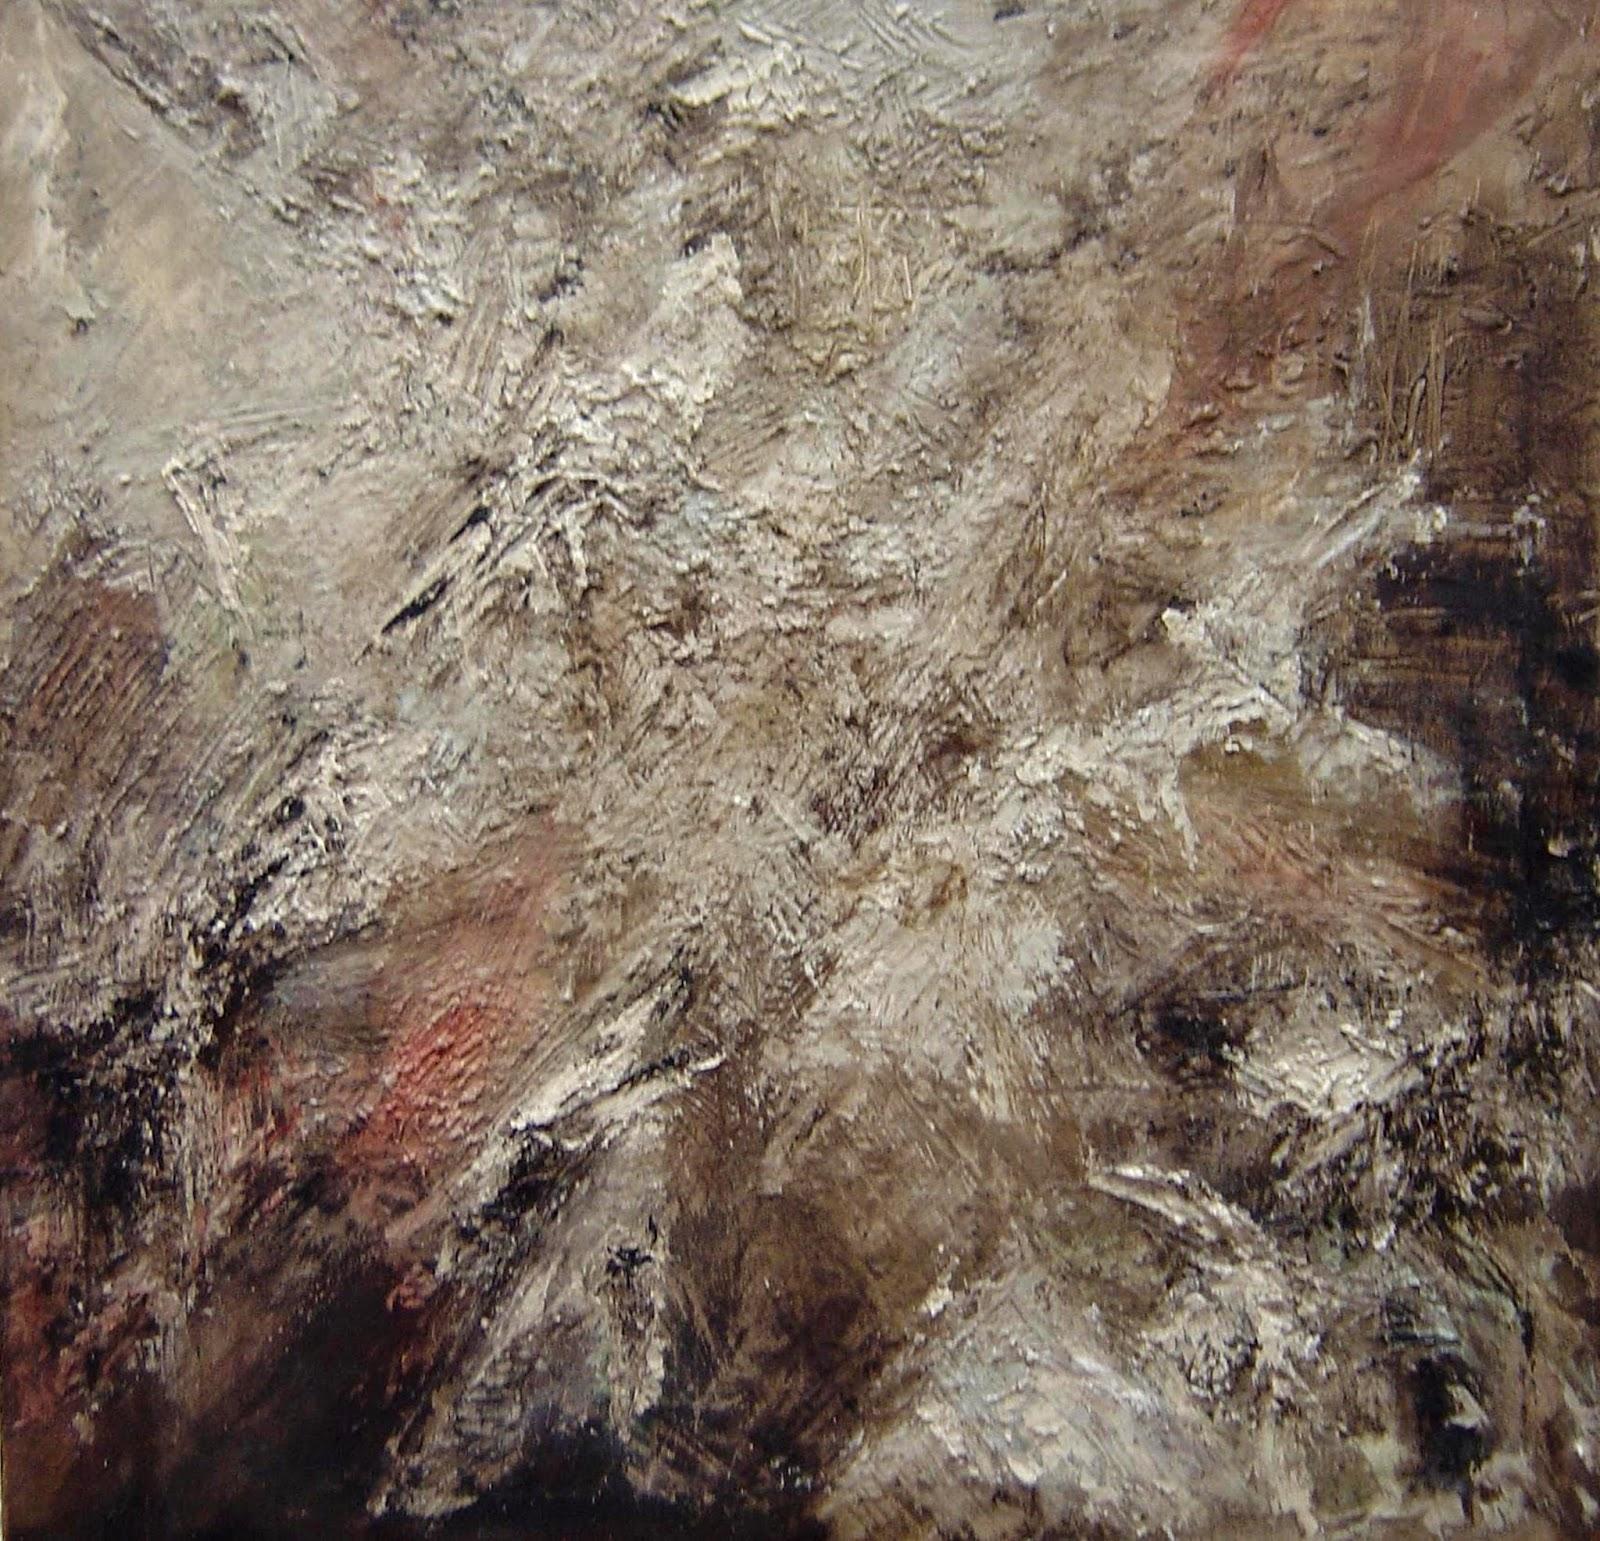 Pinturas abstractas de vanina martinez tecnicas mixtas for Imagenes de cuadros abstractos con relieve